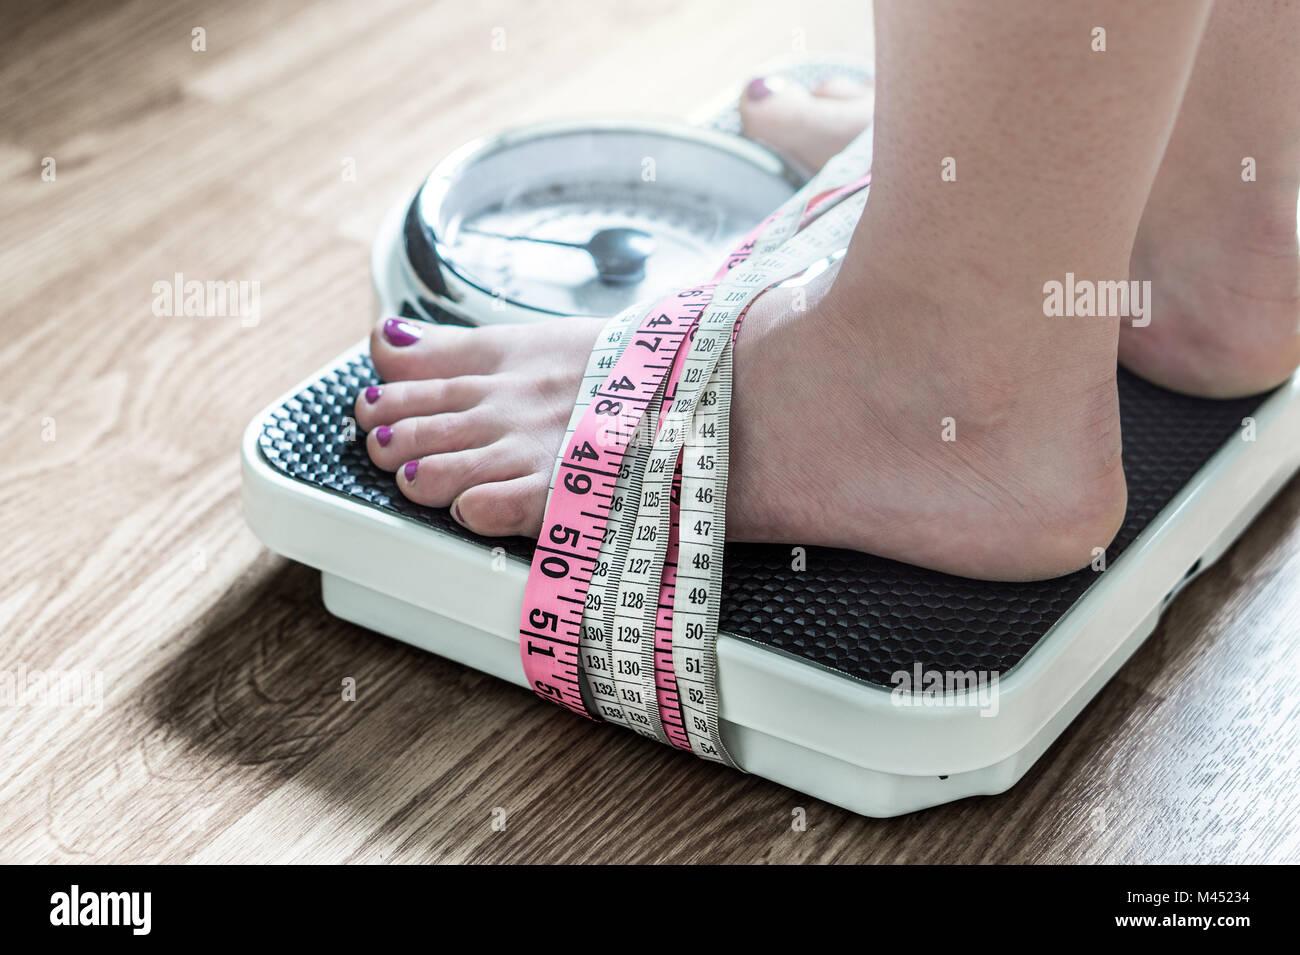 Los pies atados con cinta de medición de una báscula. Adicción y obsesión para la pérdida Imagen De Stock